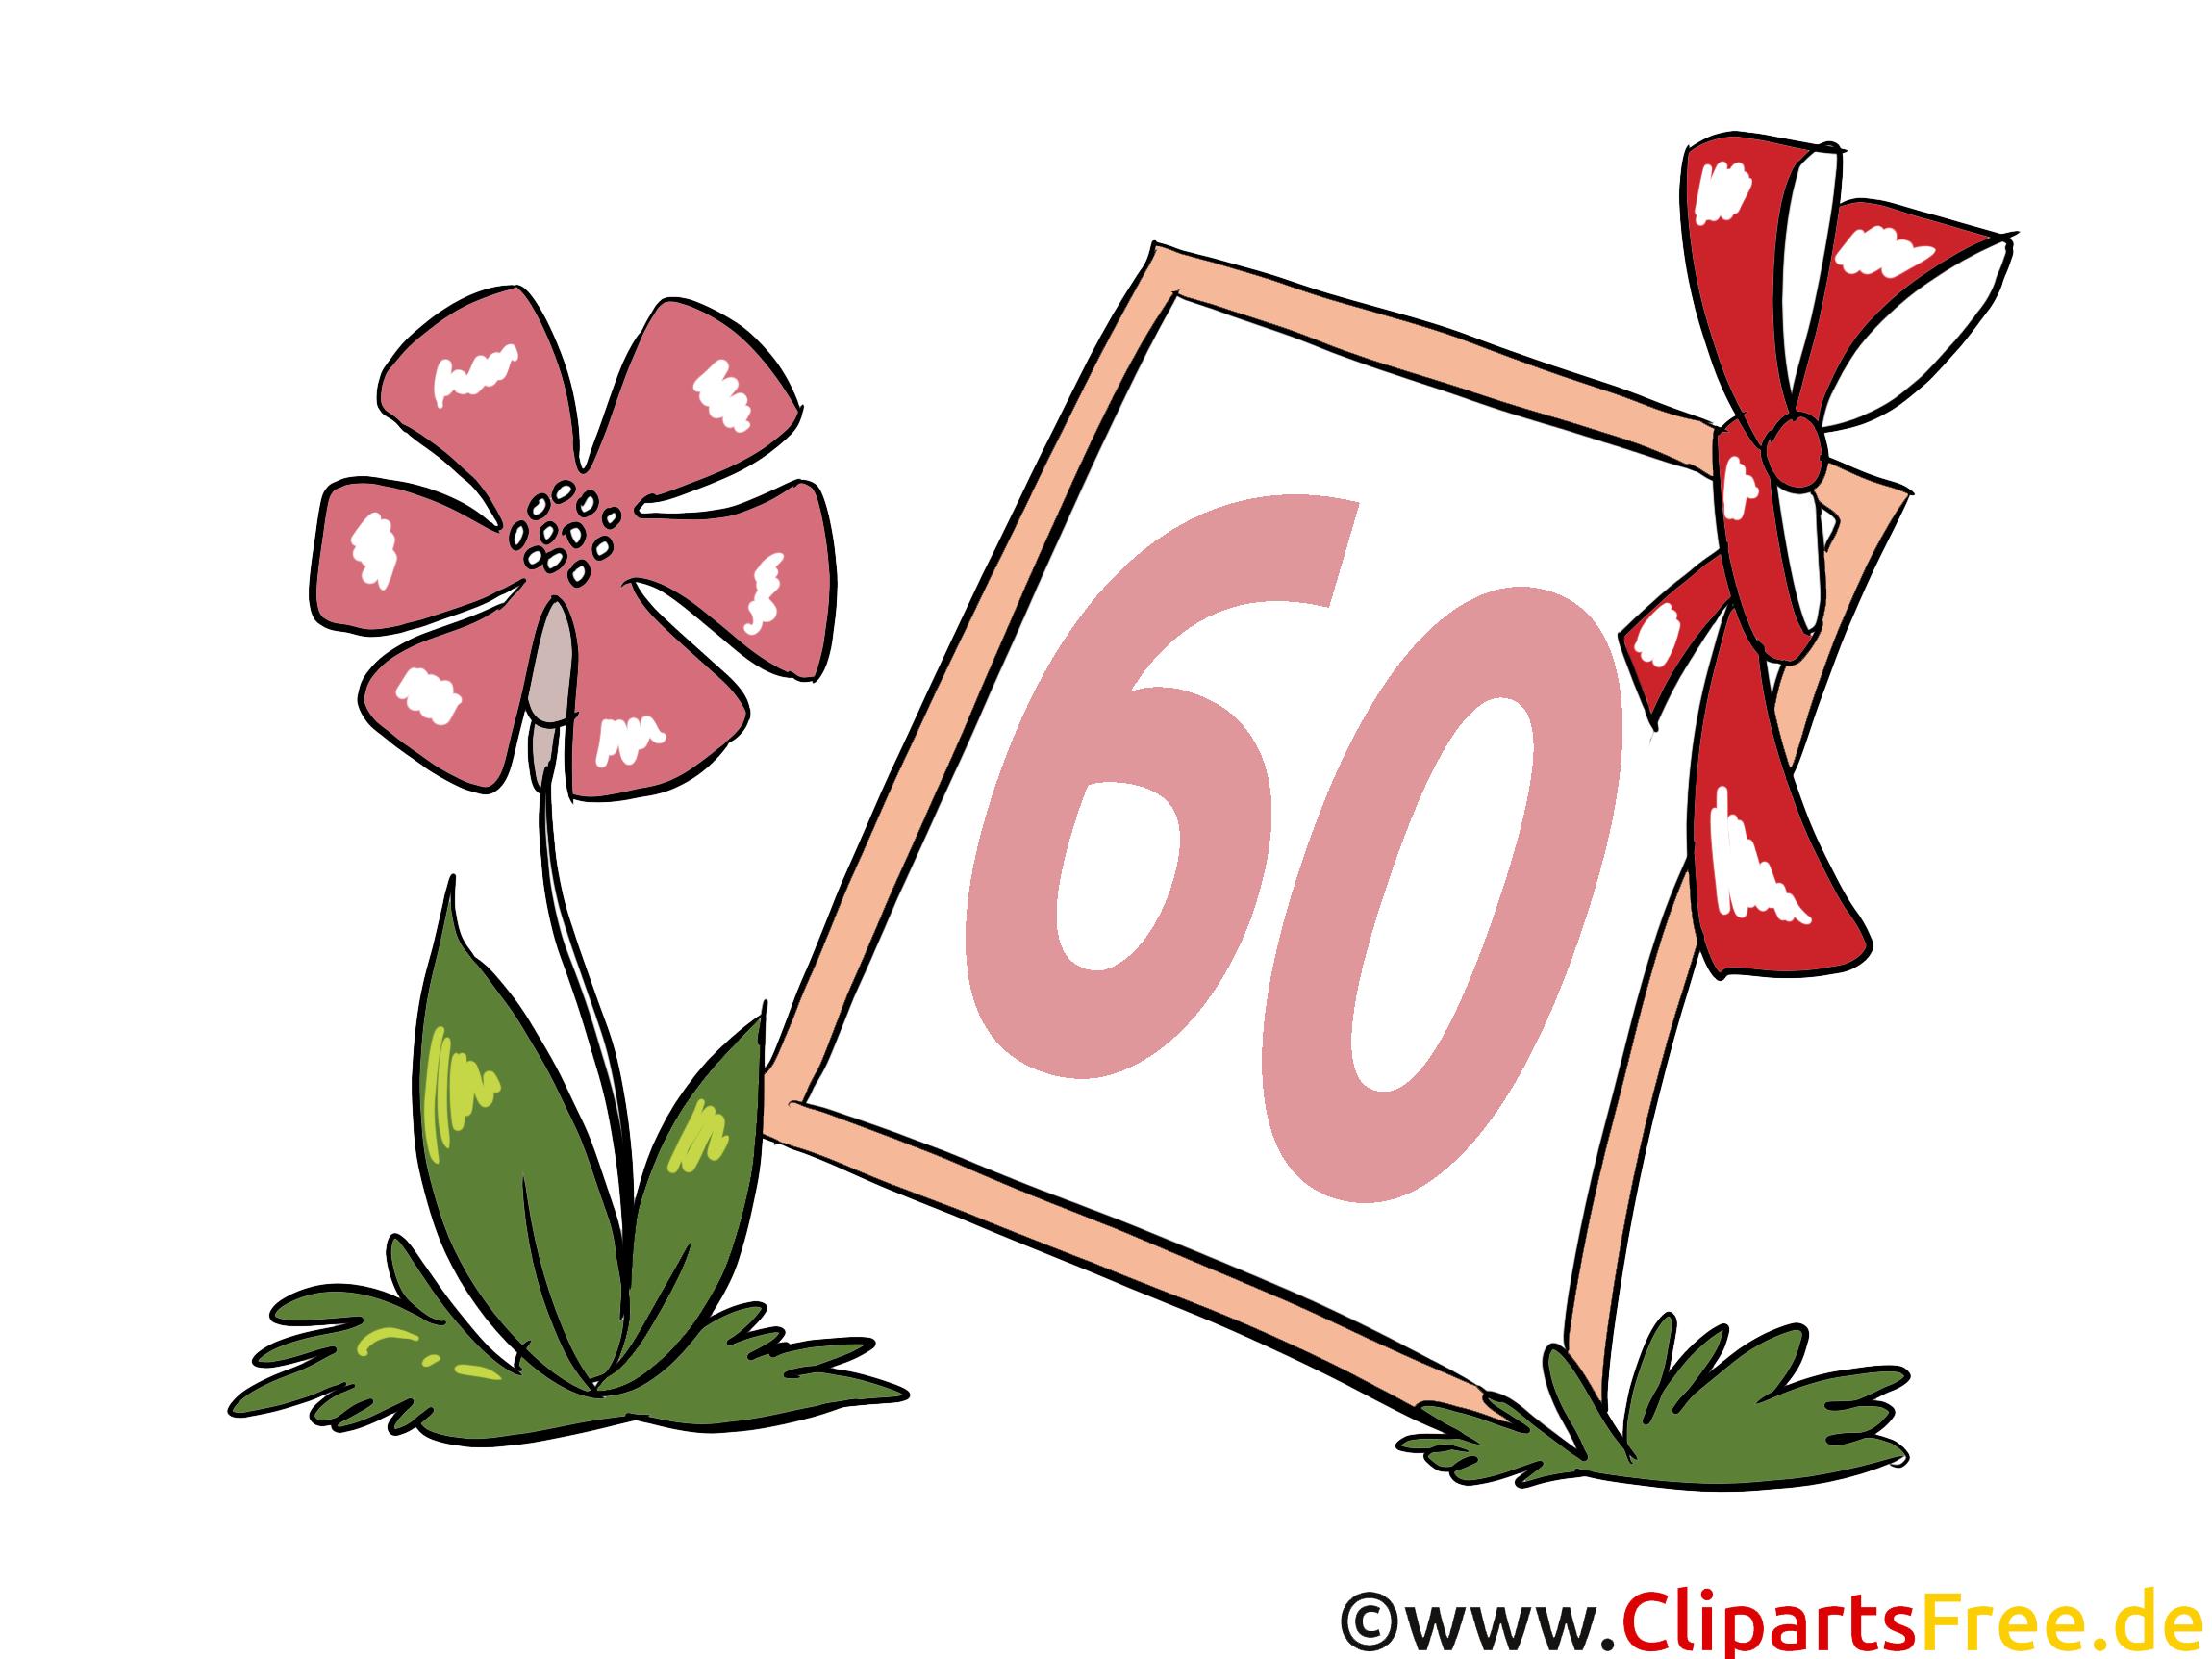 Fleur 60 ans image gratuite anniversaire illustration anniversaire dessin picture image - Clipart anniversaire 60 ans ...